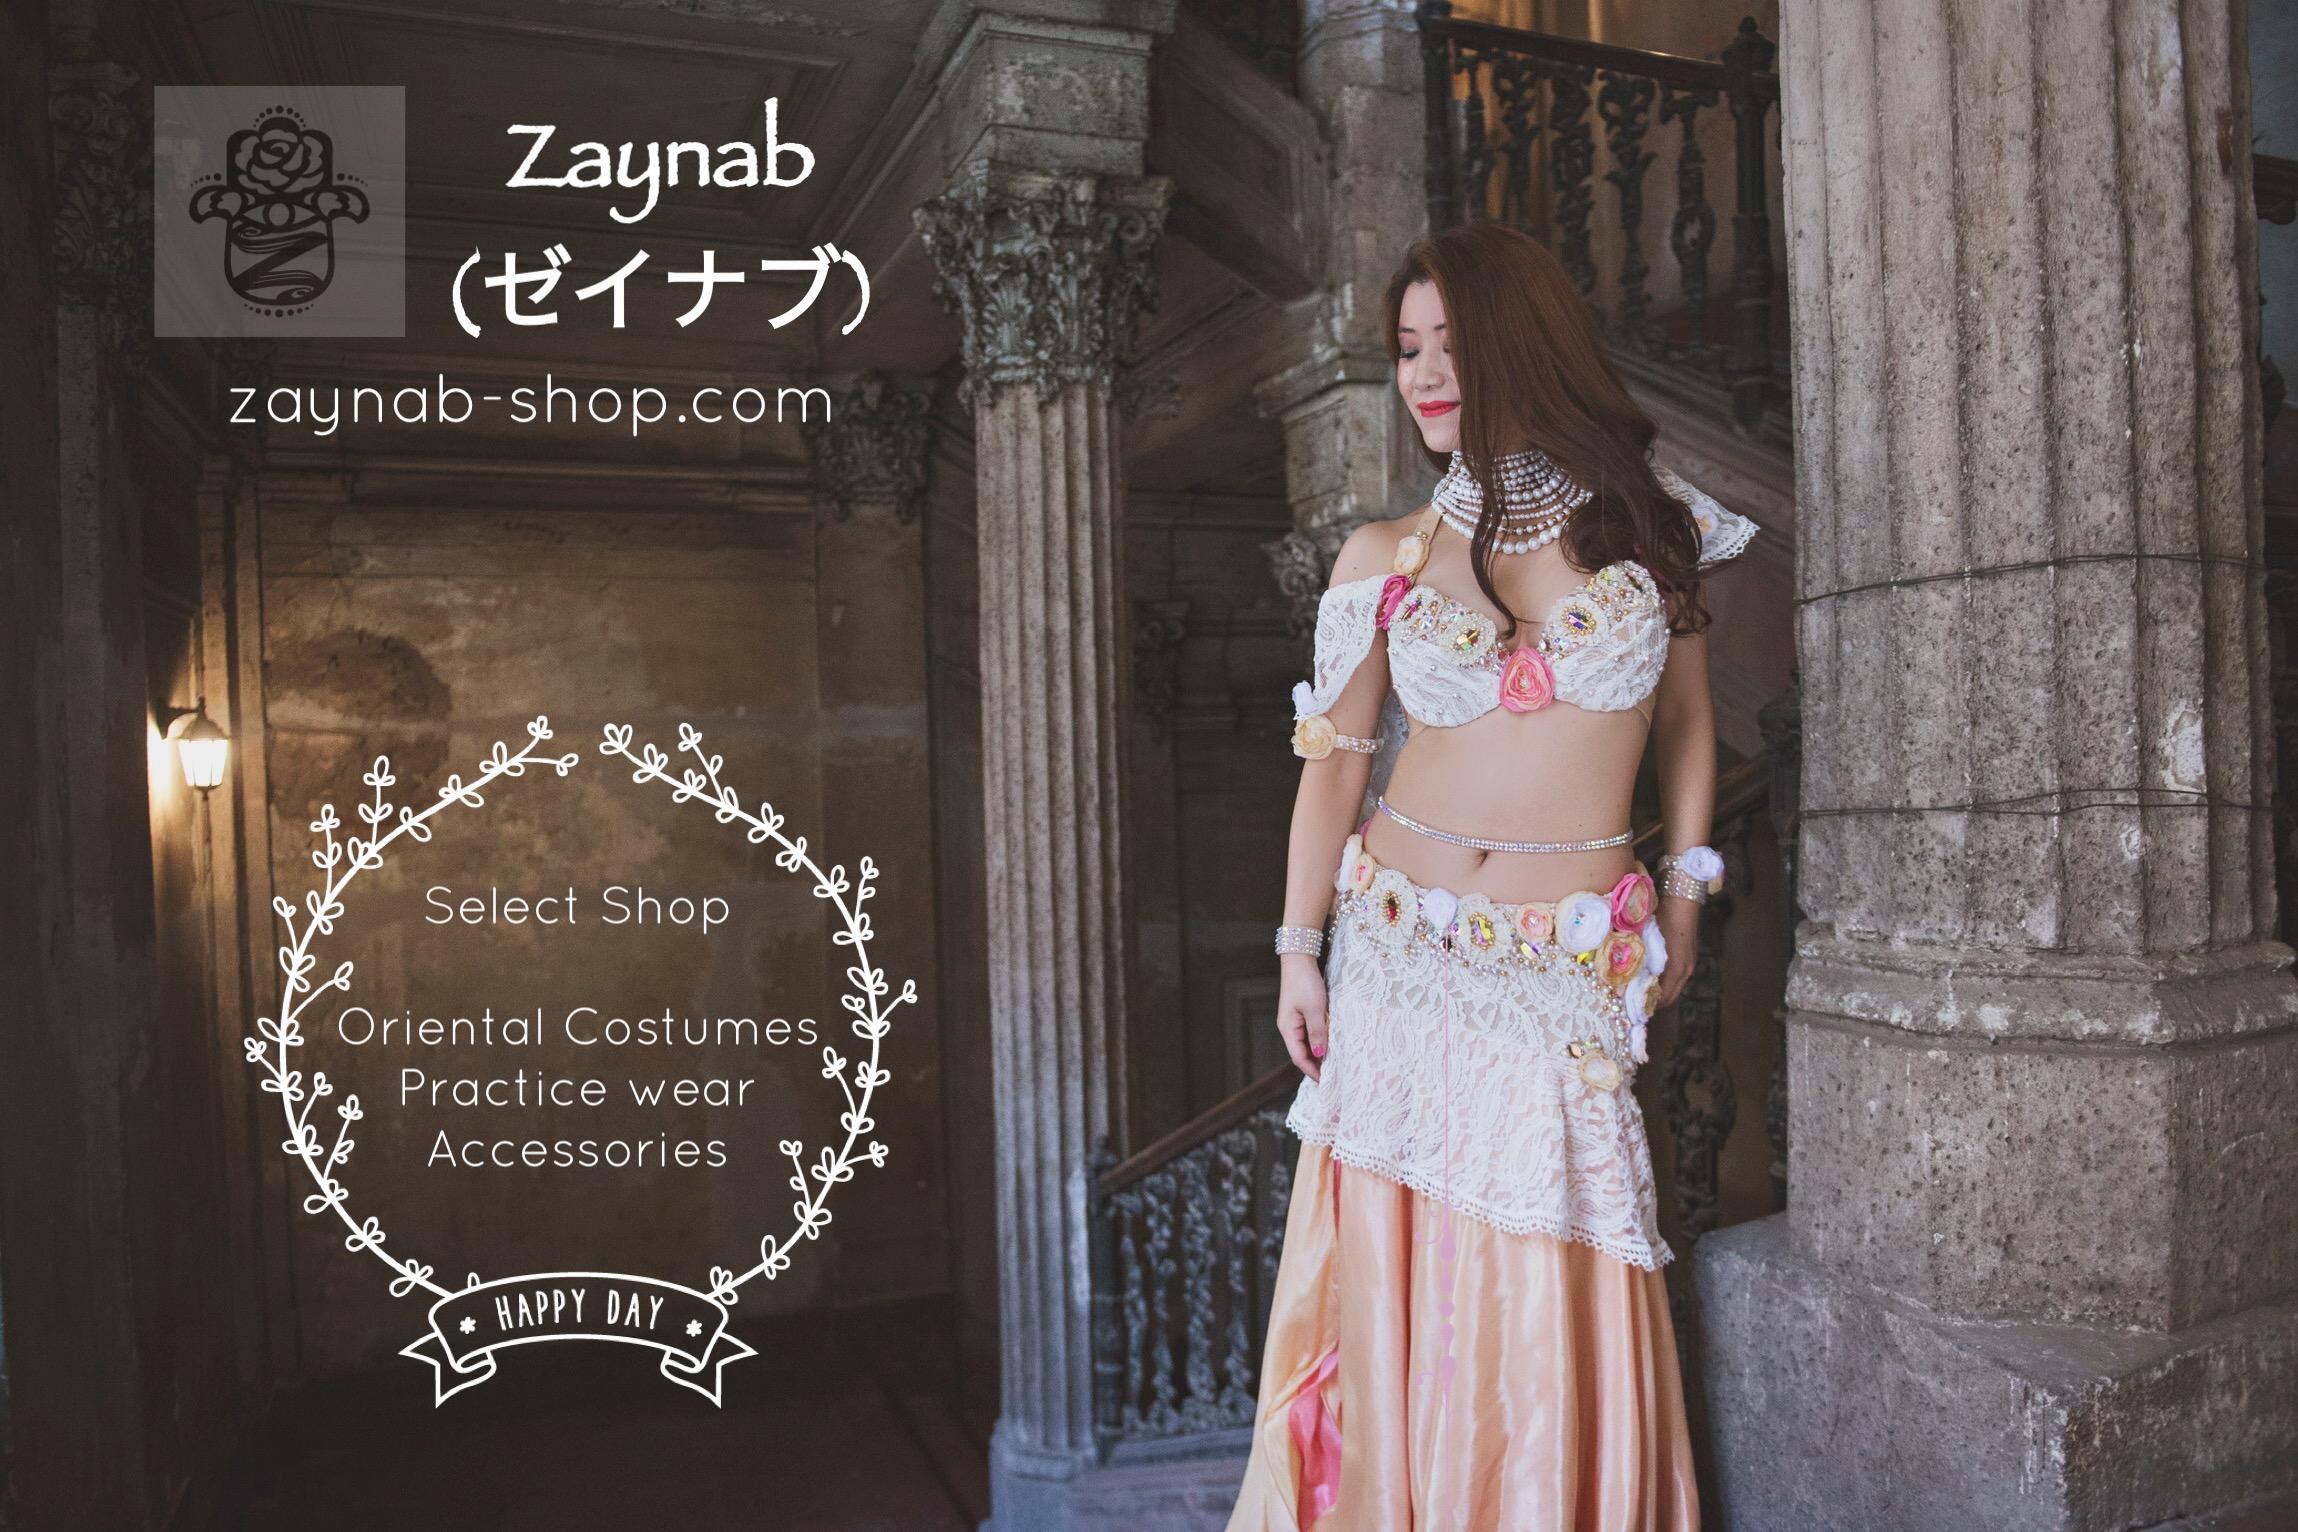 Zaynab (ゼイナブ)